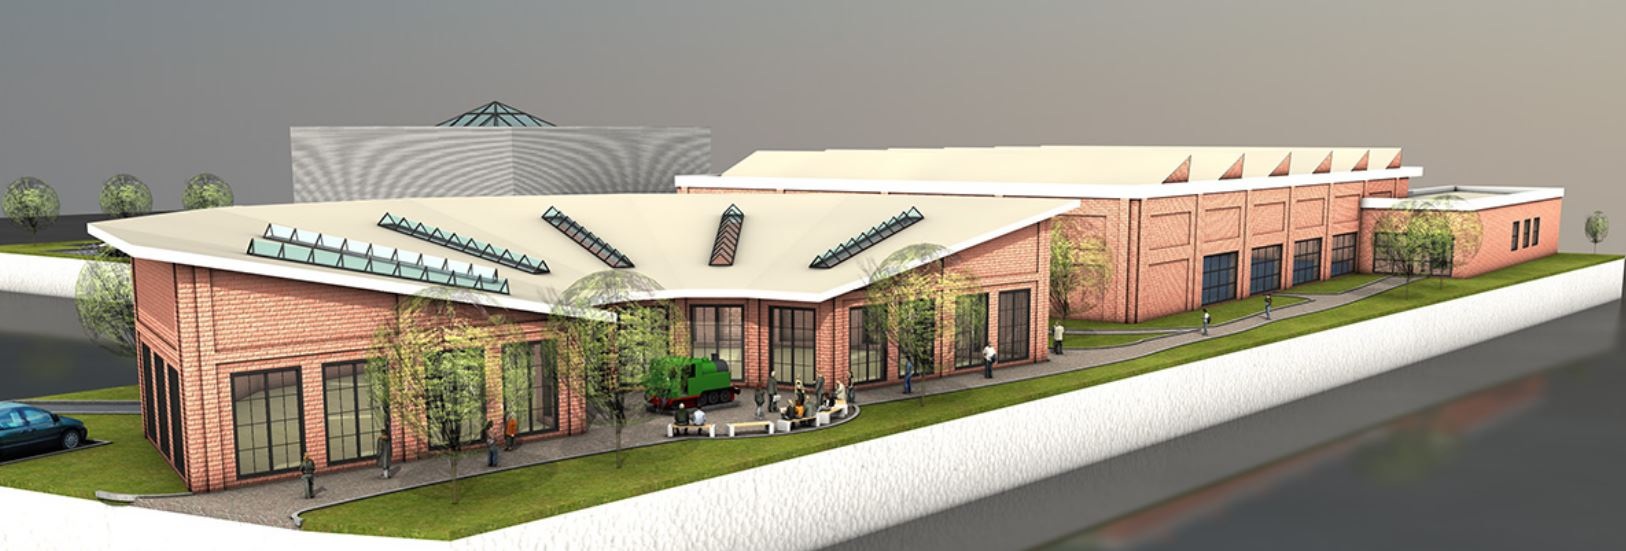 Architektonická a inženýrská kancelář, stavební projekce od návrhu po kolaudaci stavby